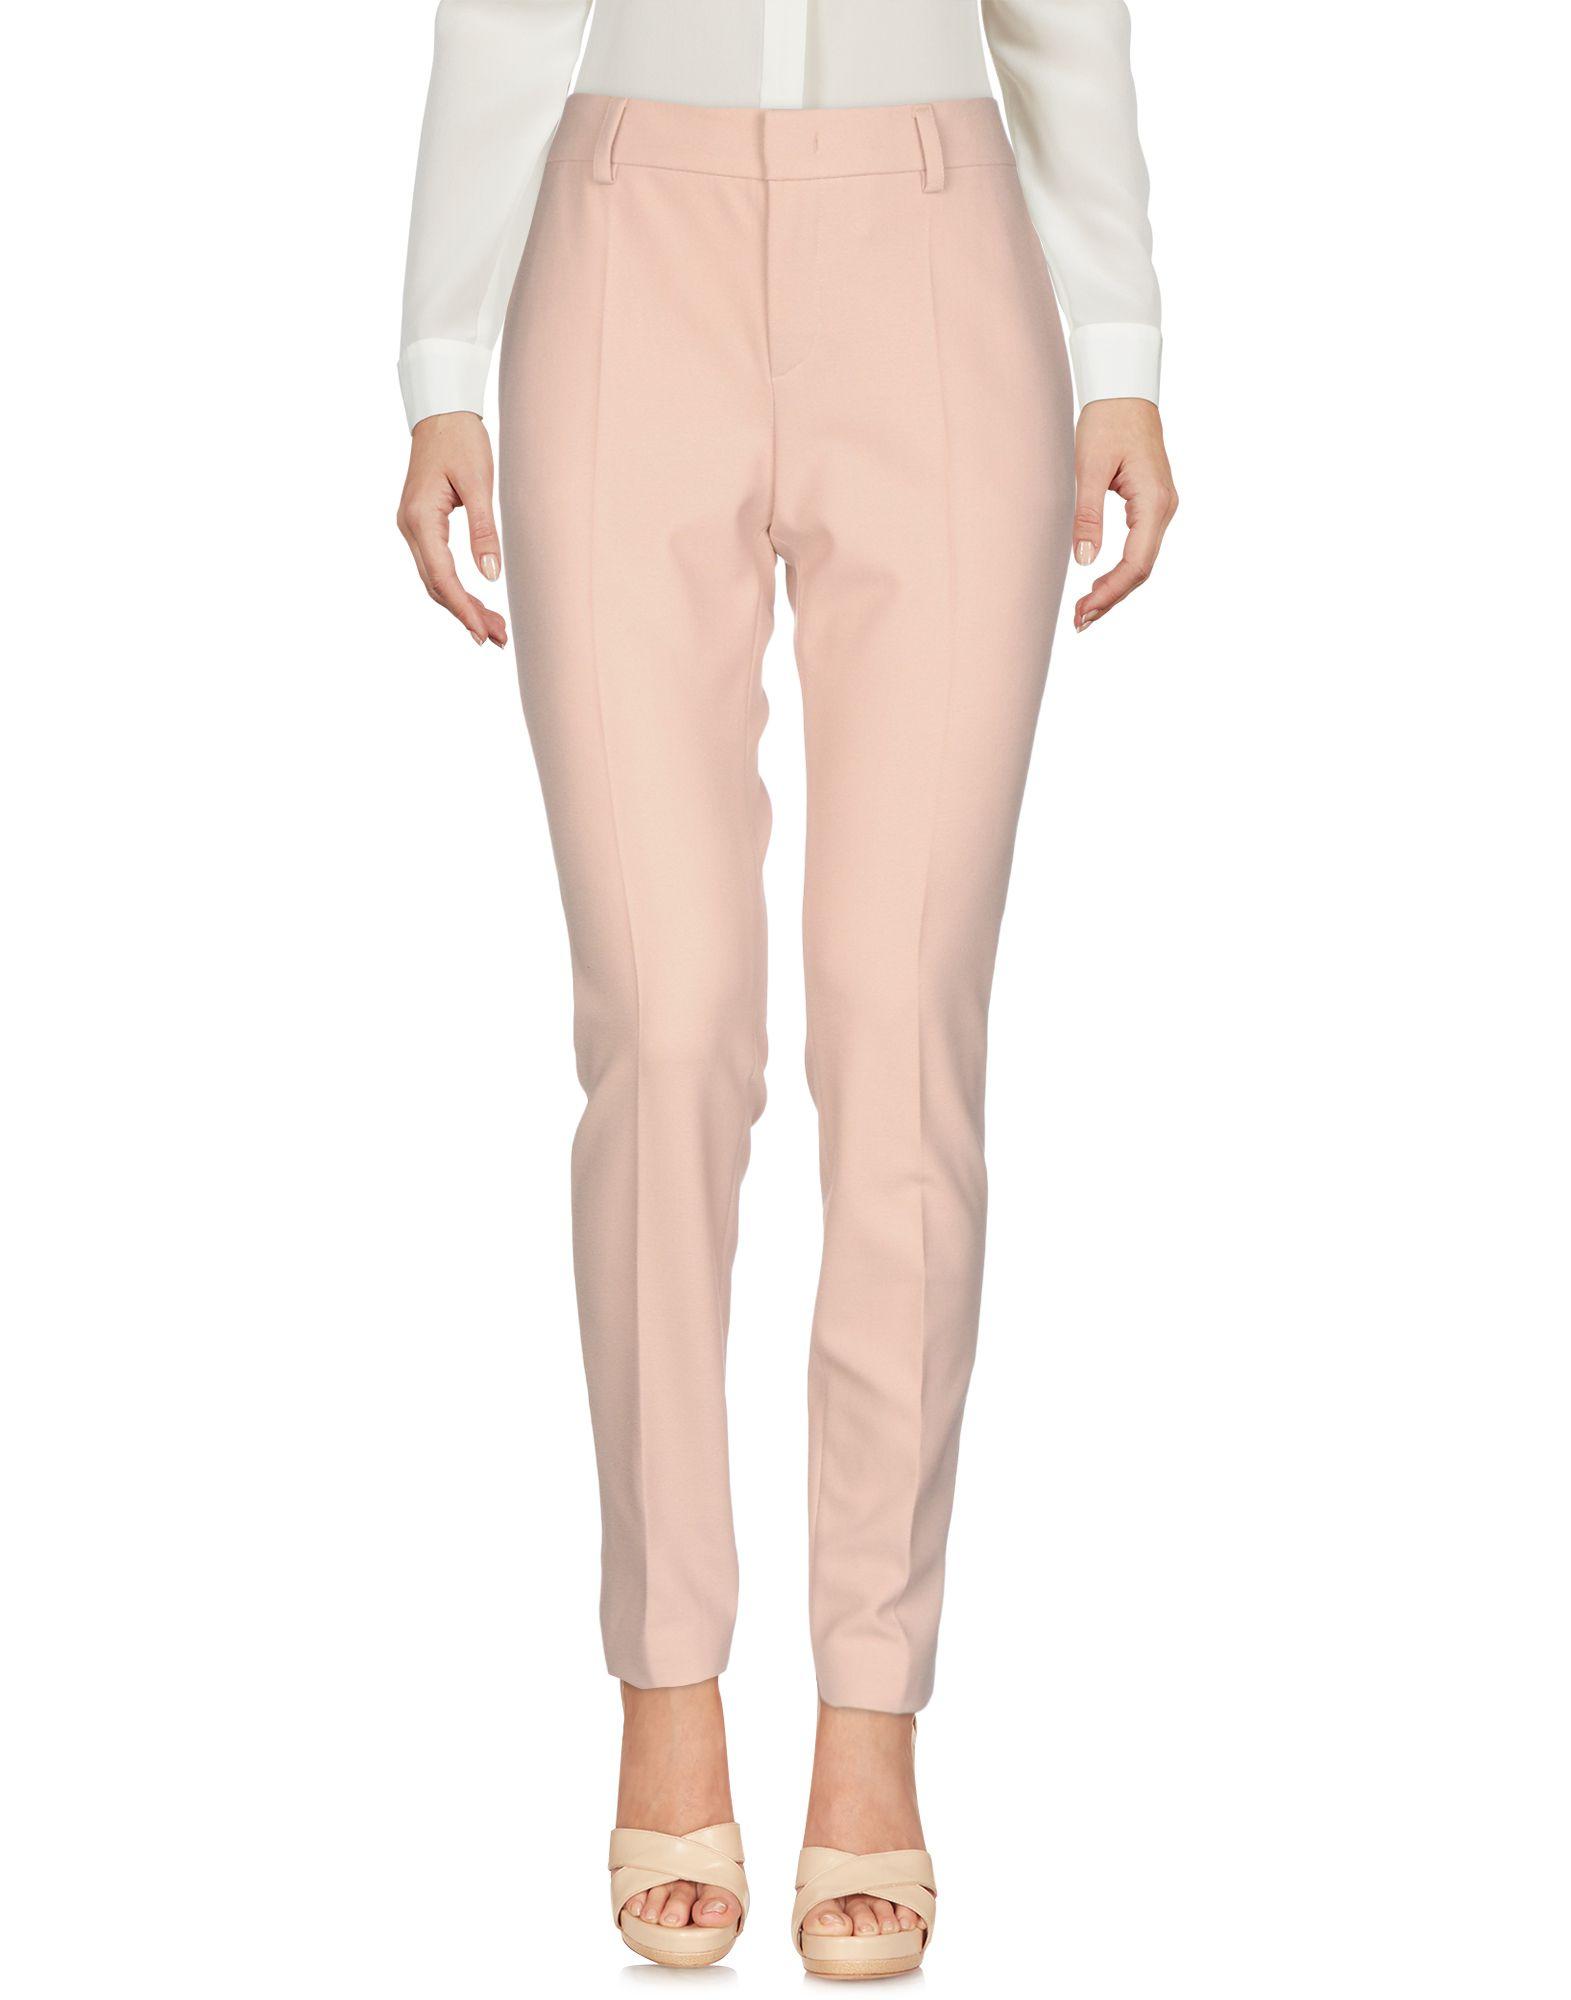 Pantalone Redvalentino Donna - Acquista online su wroxVIhO